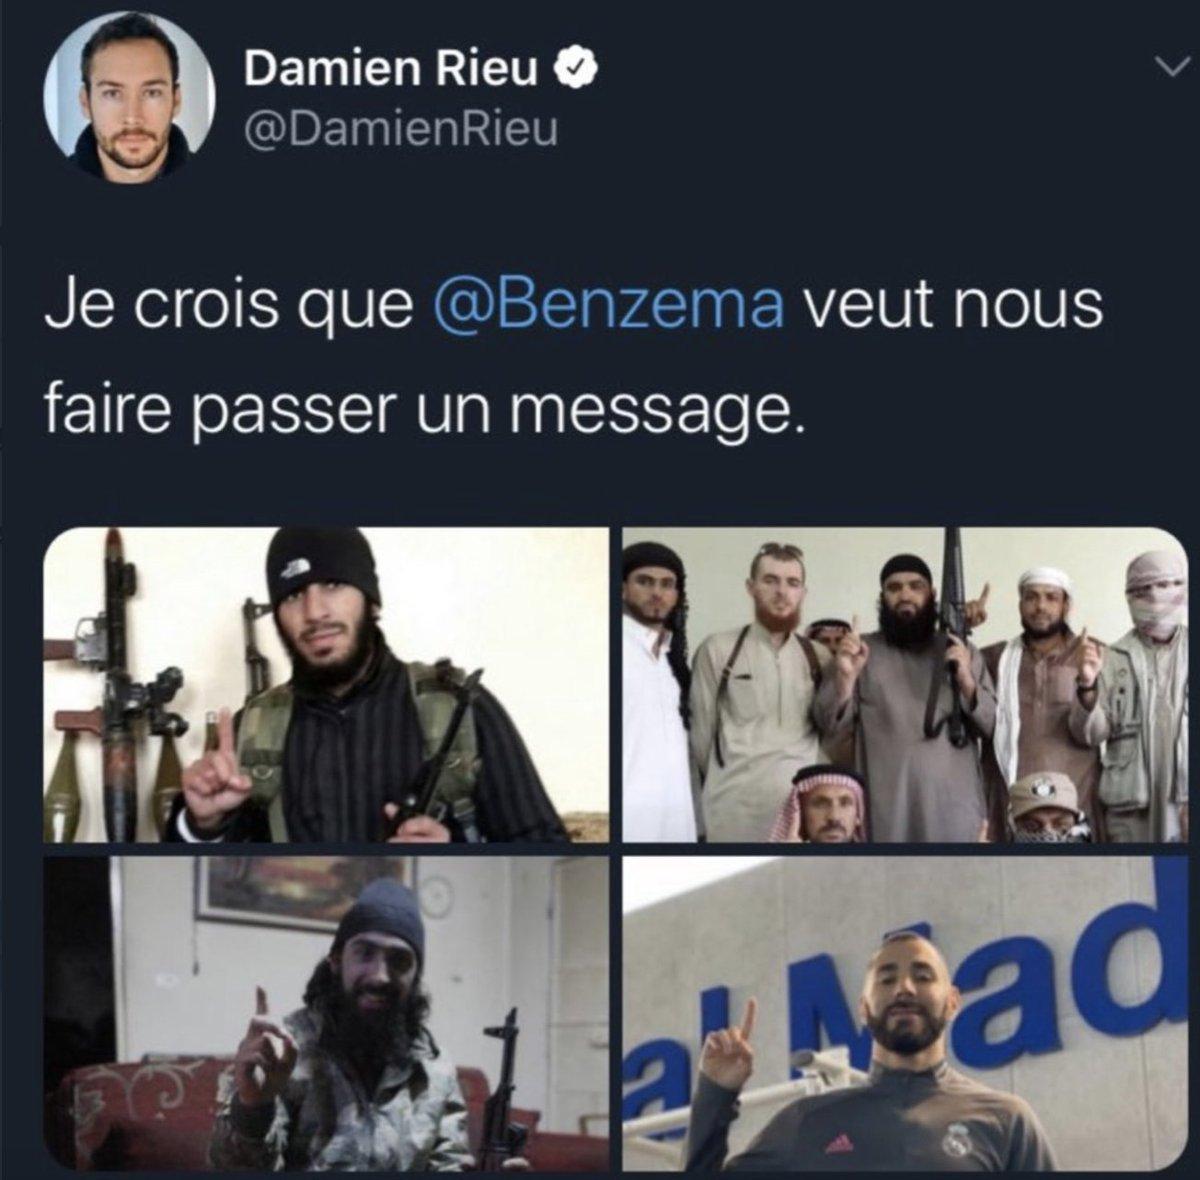 Bonsoir @EmmanuelMacron  @GDarmanin  Le militant d'extrême droite multirécidiviste Damien Lefèvre alimente la haine, son dernier tweet assimile Karim Benzema à un terroriste. Faut il attendre un nouveau drame pour réagir ?#justicepourtous